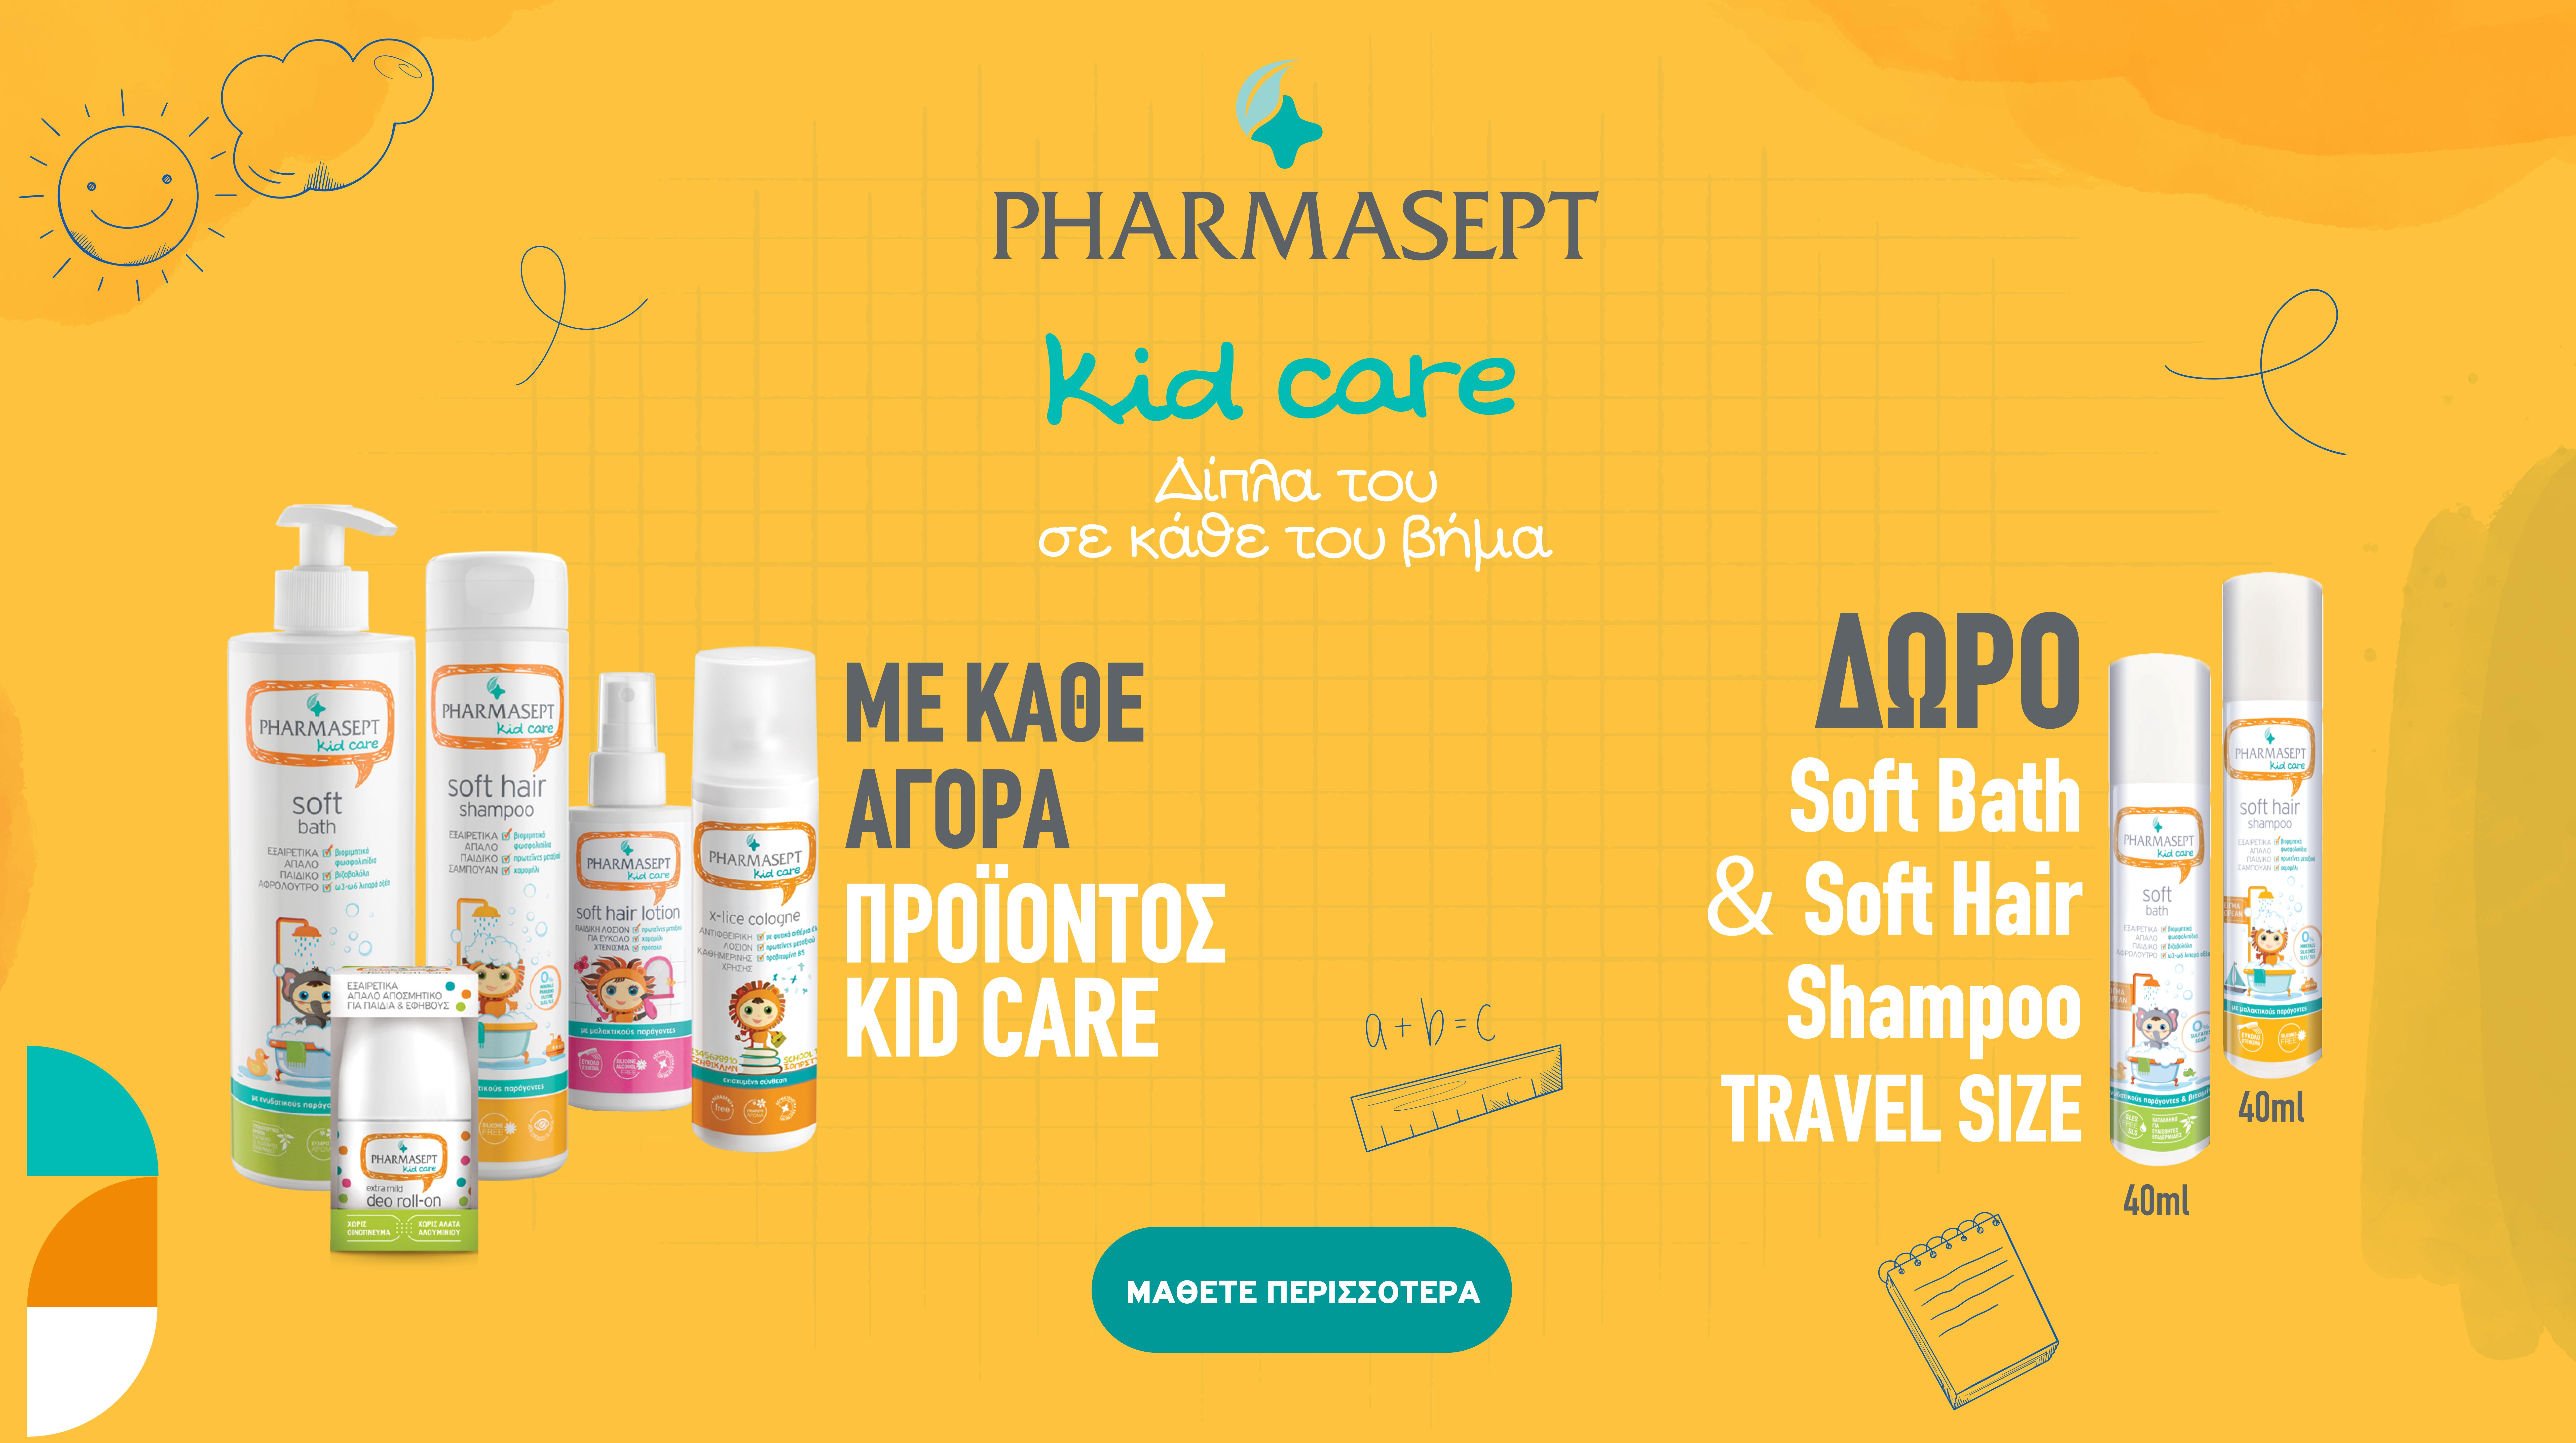 Pharmasept KidsCare